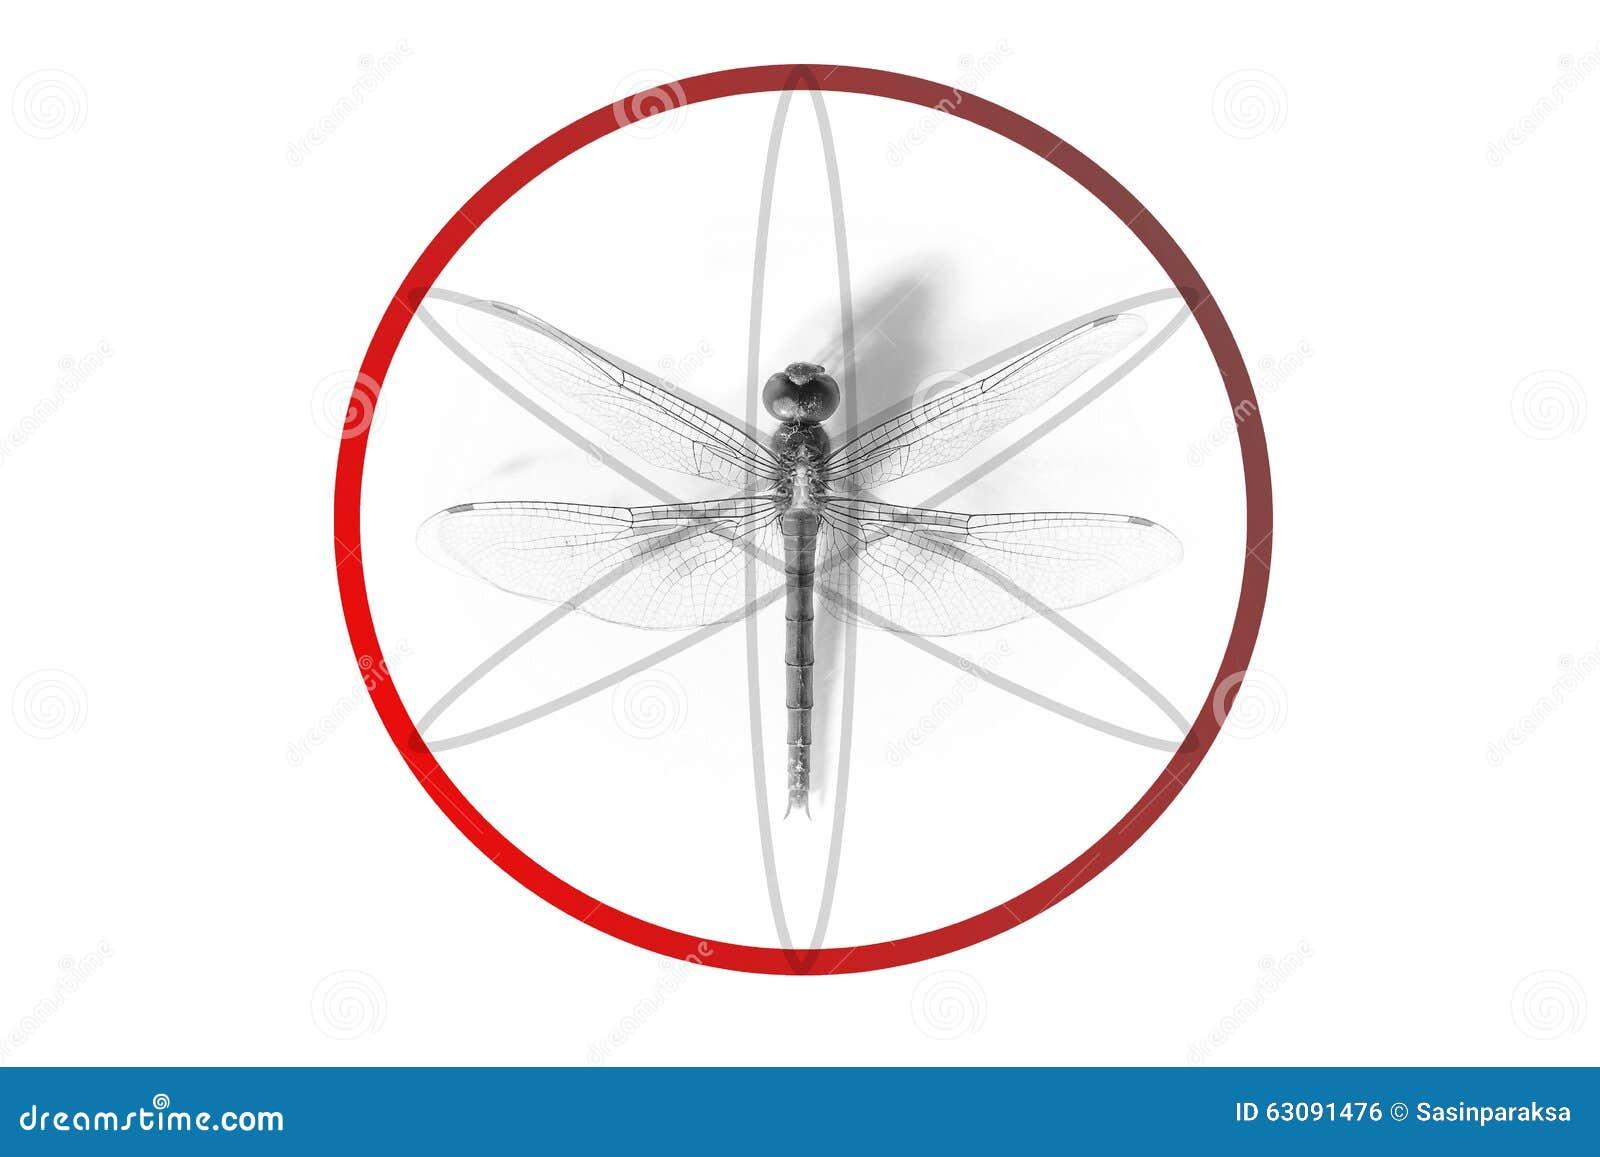 Download Géométrique Abstrait Fait à Partir De La Proportion De Libellule Illustration Stock - Illustration du fuselage, élégant: 63091476